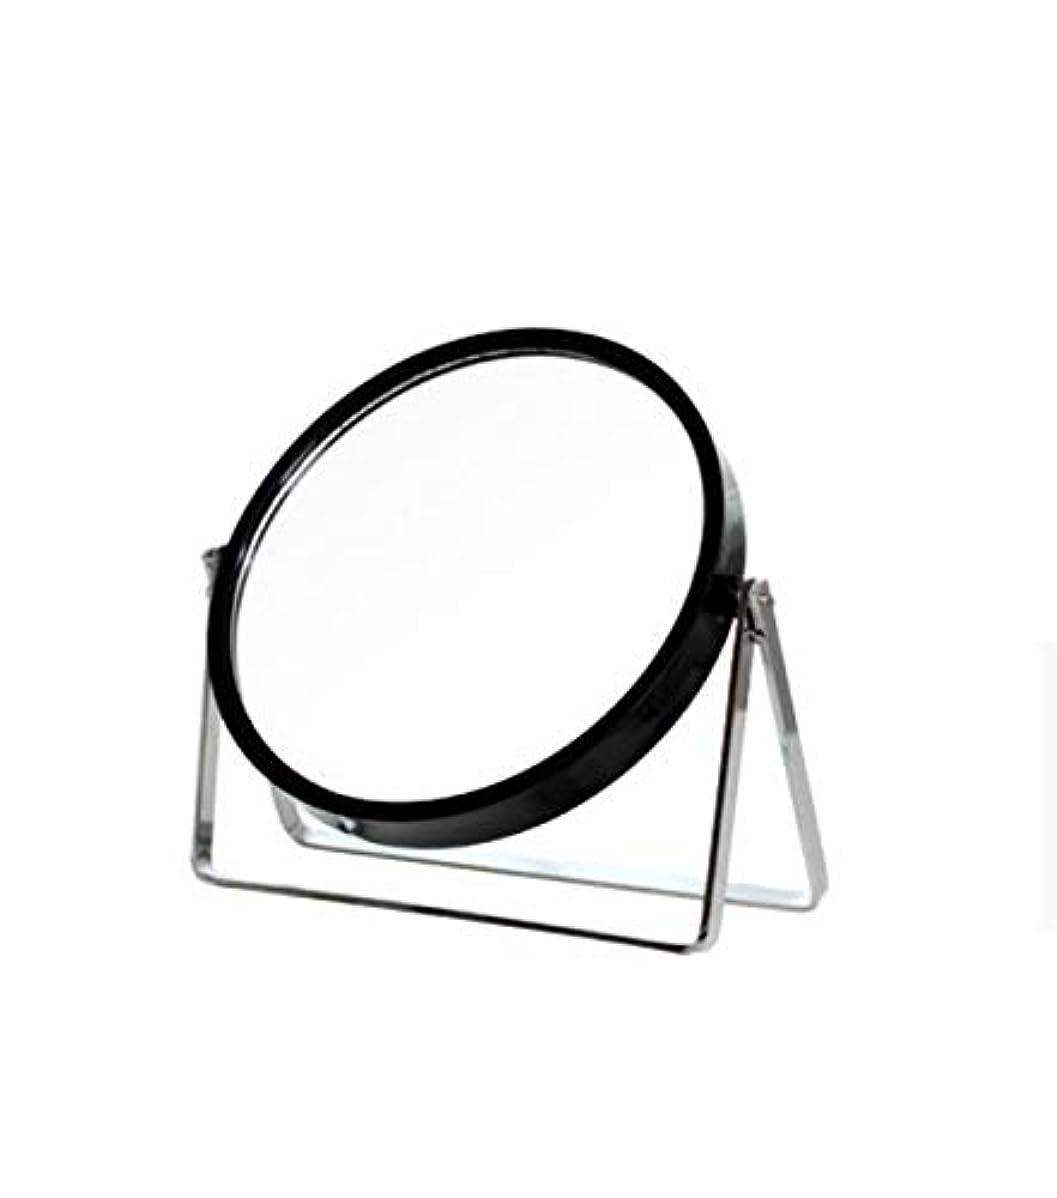 ウイルスレプリカ永久化粧鏡、シンプルなラウンドホーム寮デスクトップ化粧鏡化粧ギフト (Color : ブラック)